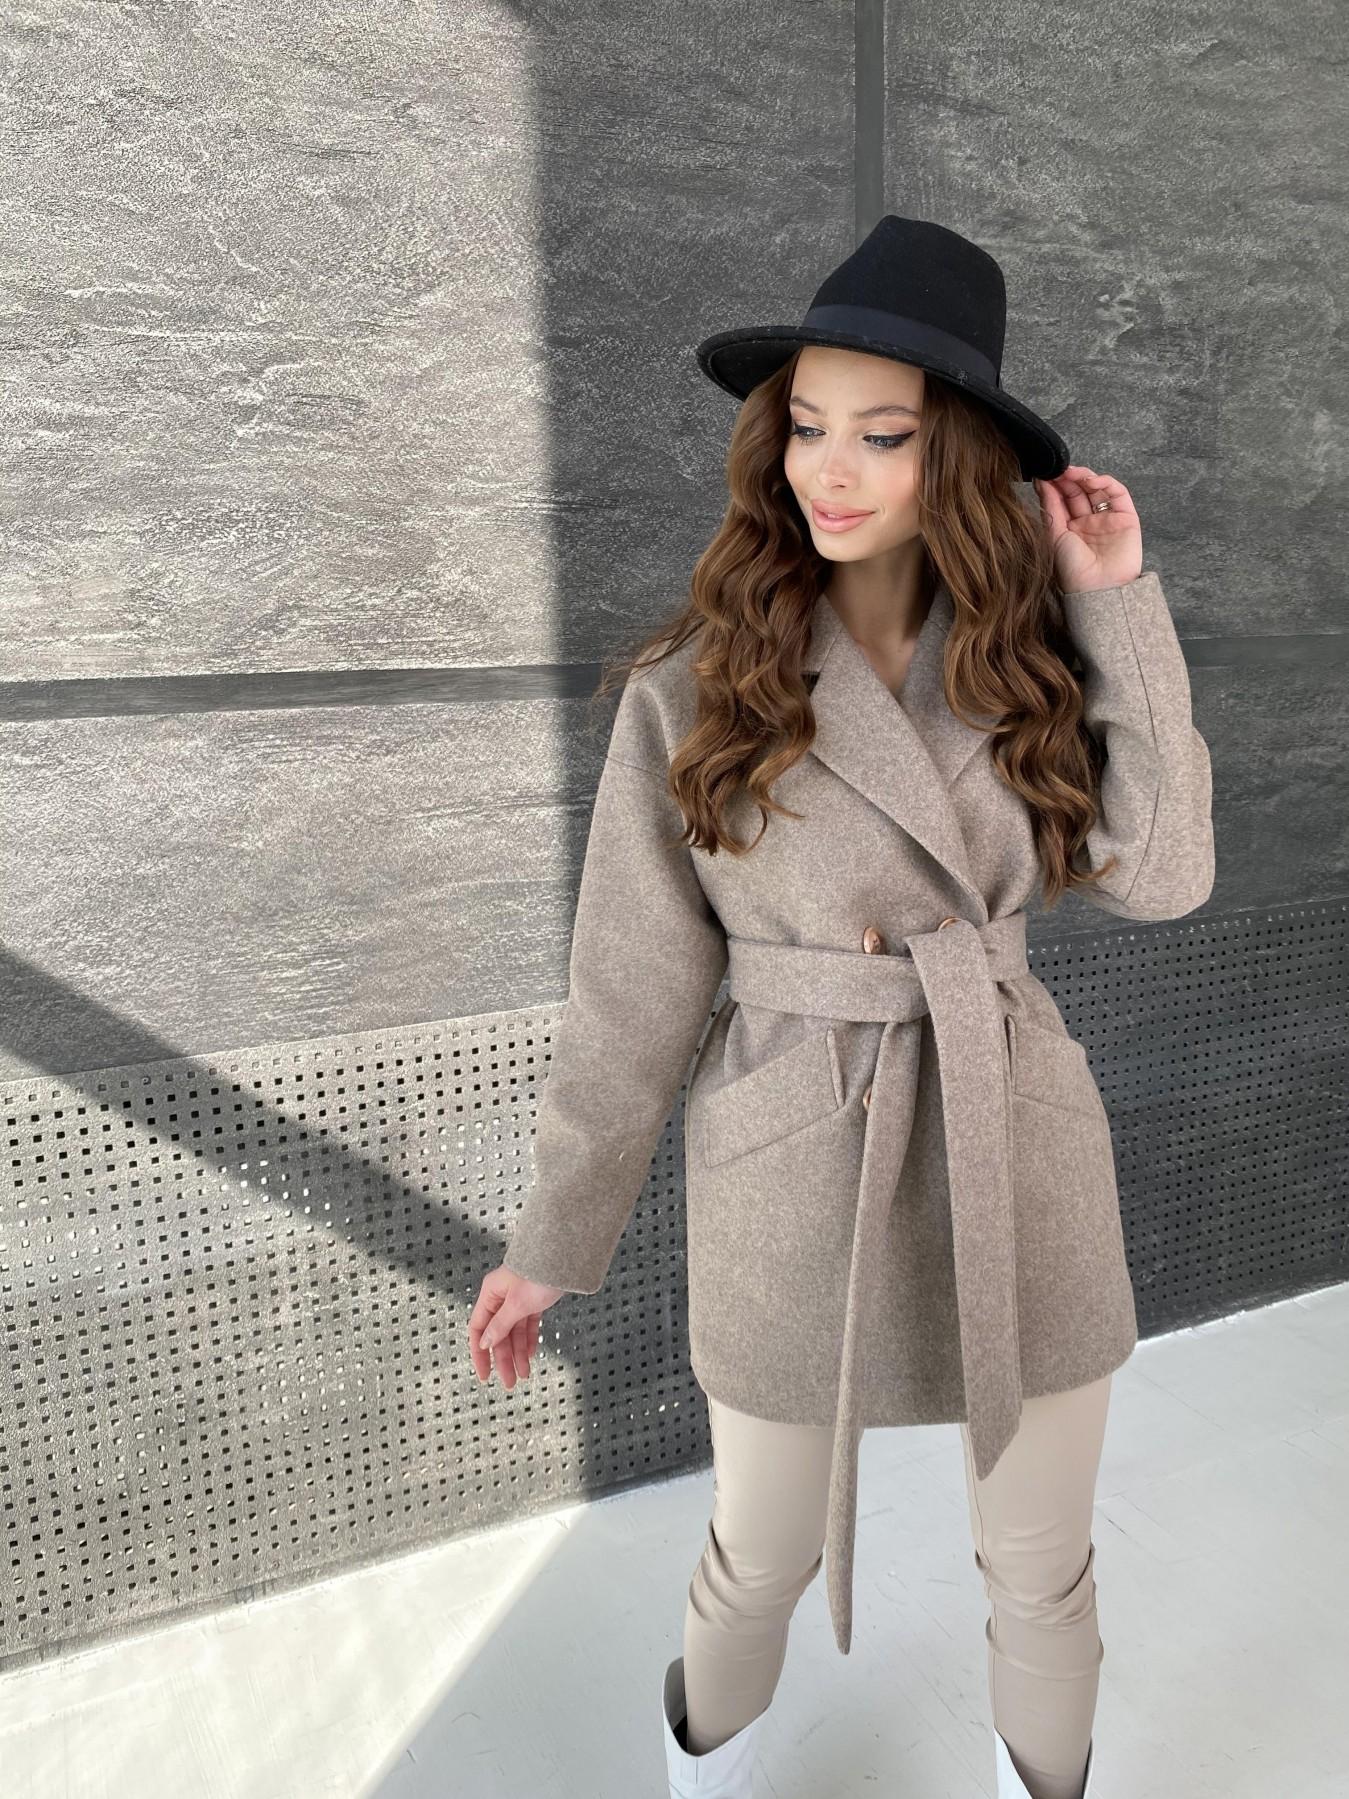 Бонд пальто  кашемировое меланж на трикотаже  10644 АРТ. 47178 Цвет: Бежевый 28 - фото 2, интернет магазин tm-modus.ru